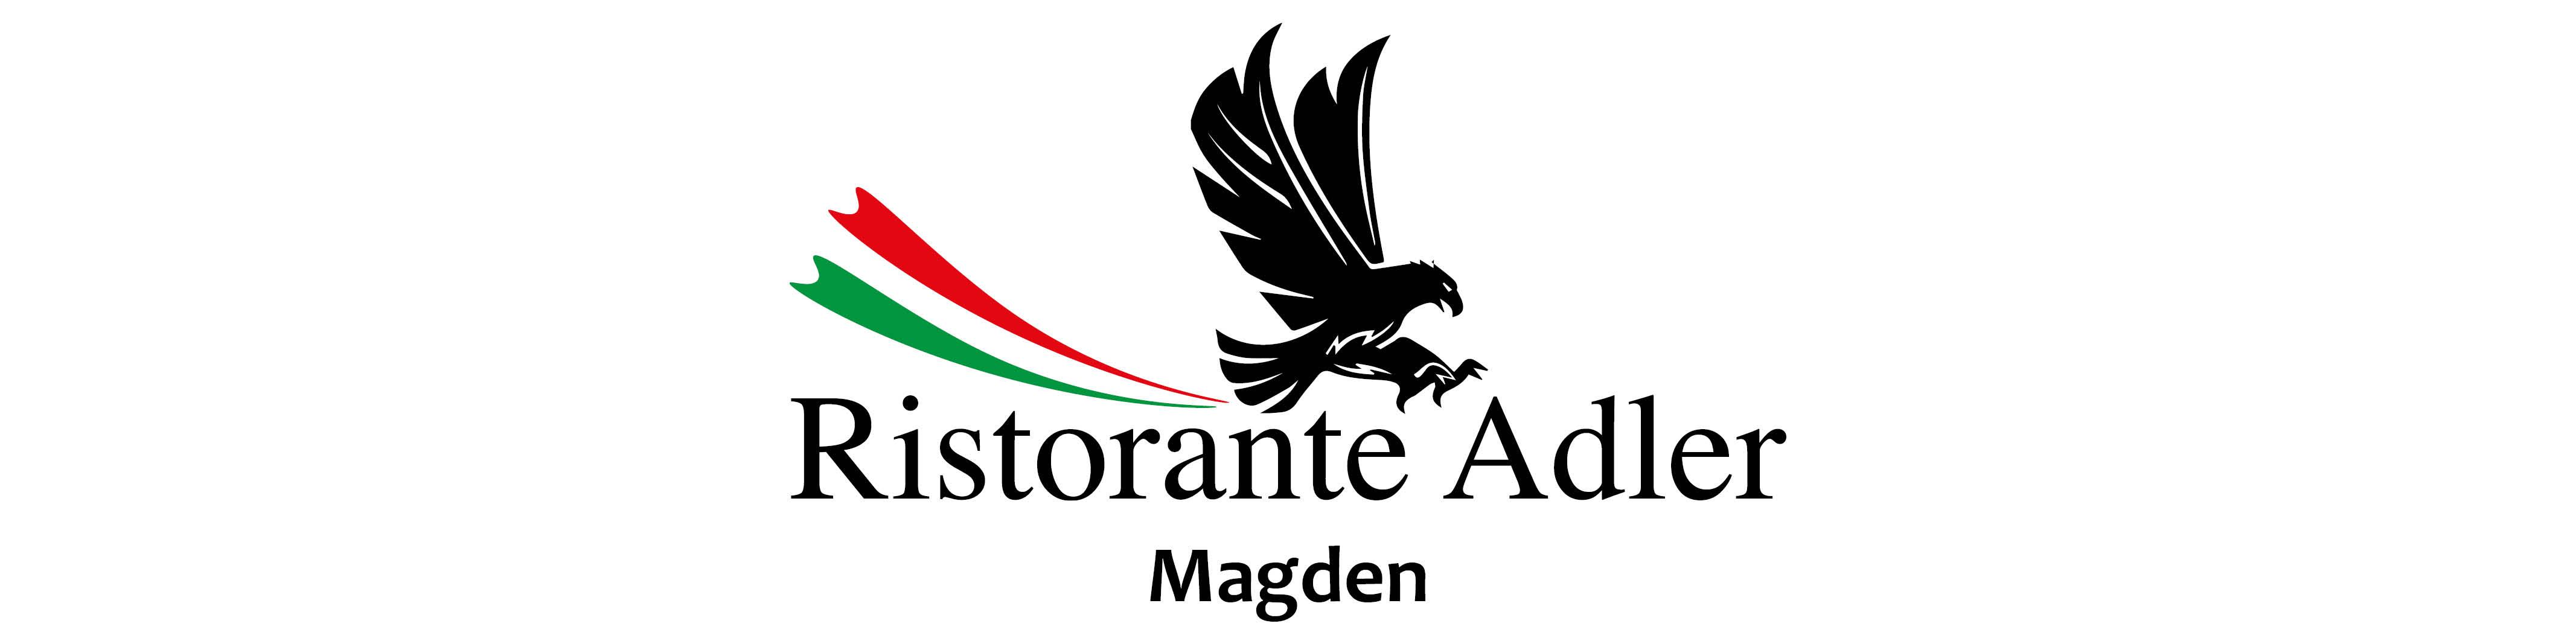 Ristorante Pizzeria Adler